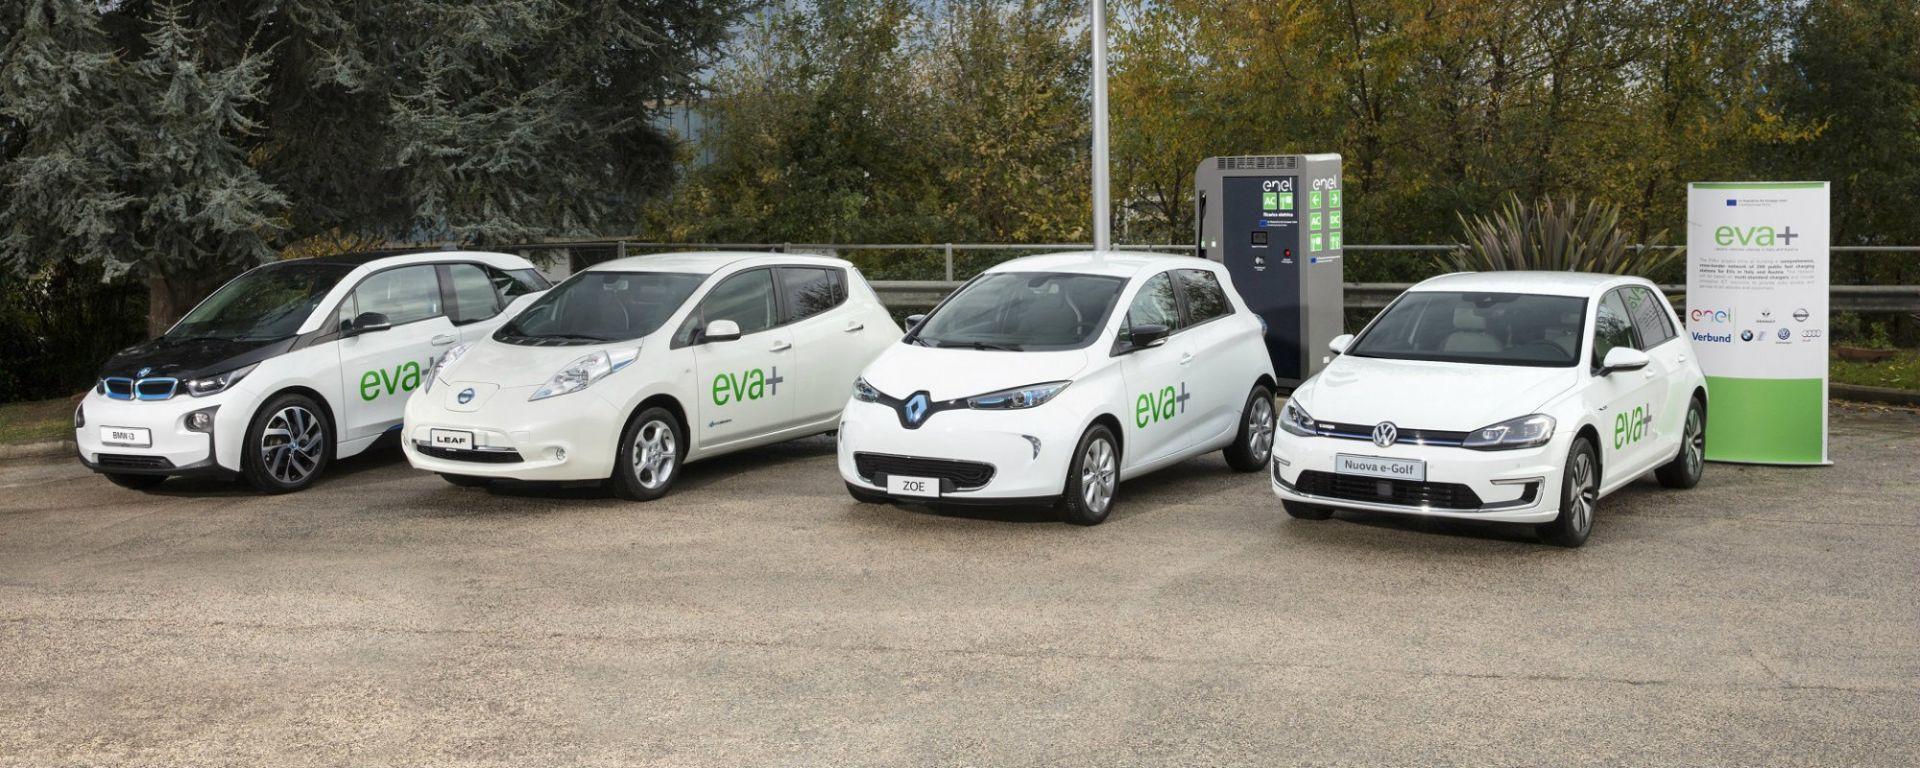 Enel, Audi, BMW, Nissan, Renault e Volkswagen uniti nel progetto EVA+